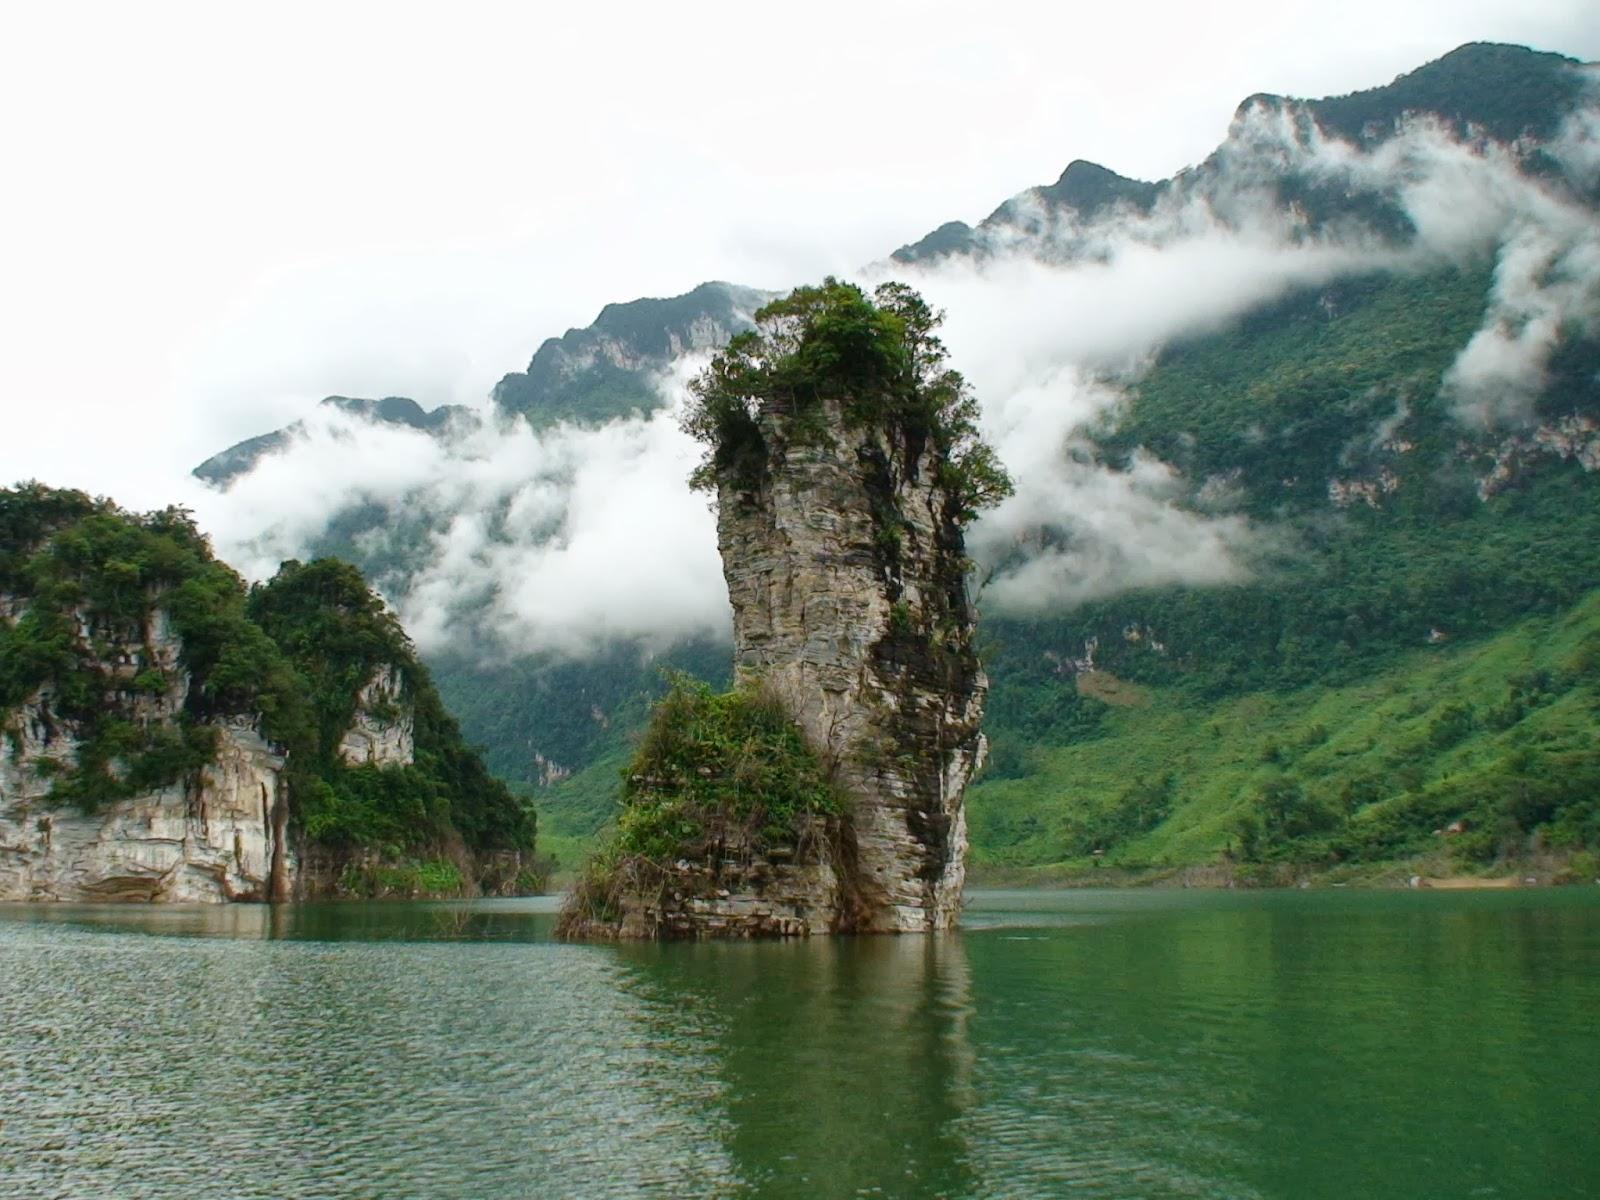 Bán nhớt Liqui Moly giá rẻ tại Tuyên Quang